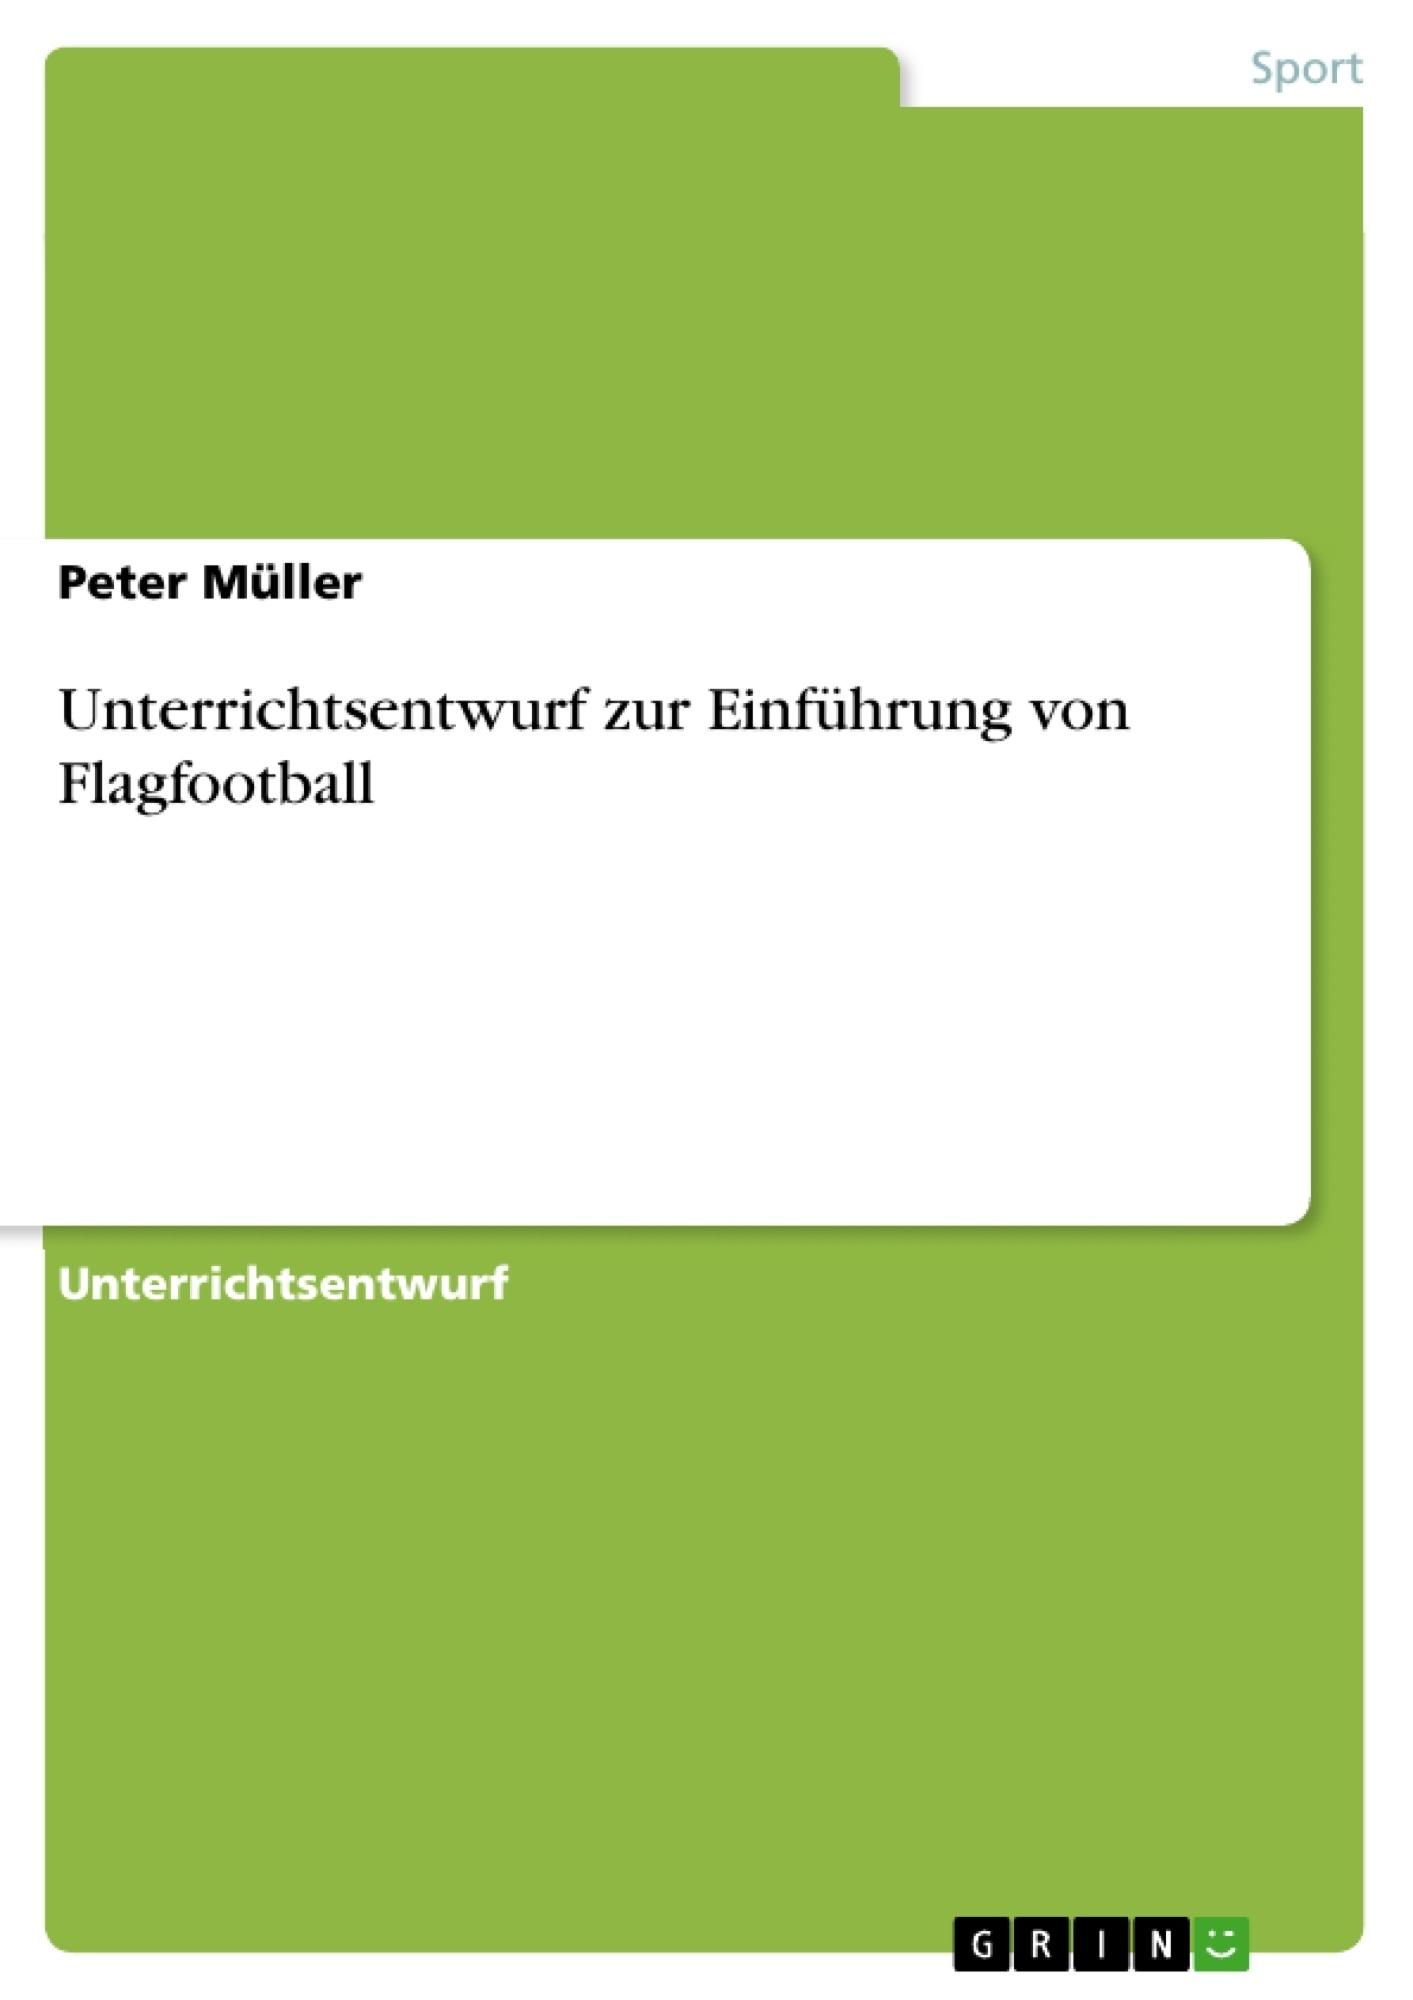 Titel: Unterrichtsentwurf zur Einführung von Flagfootball